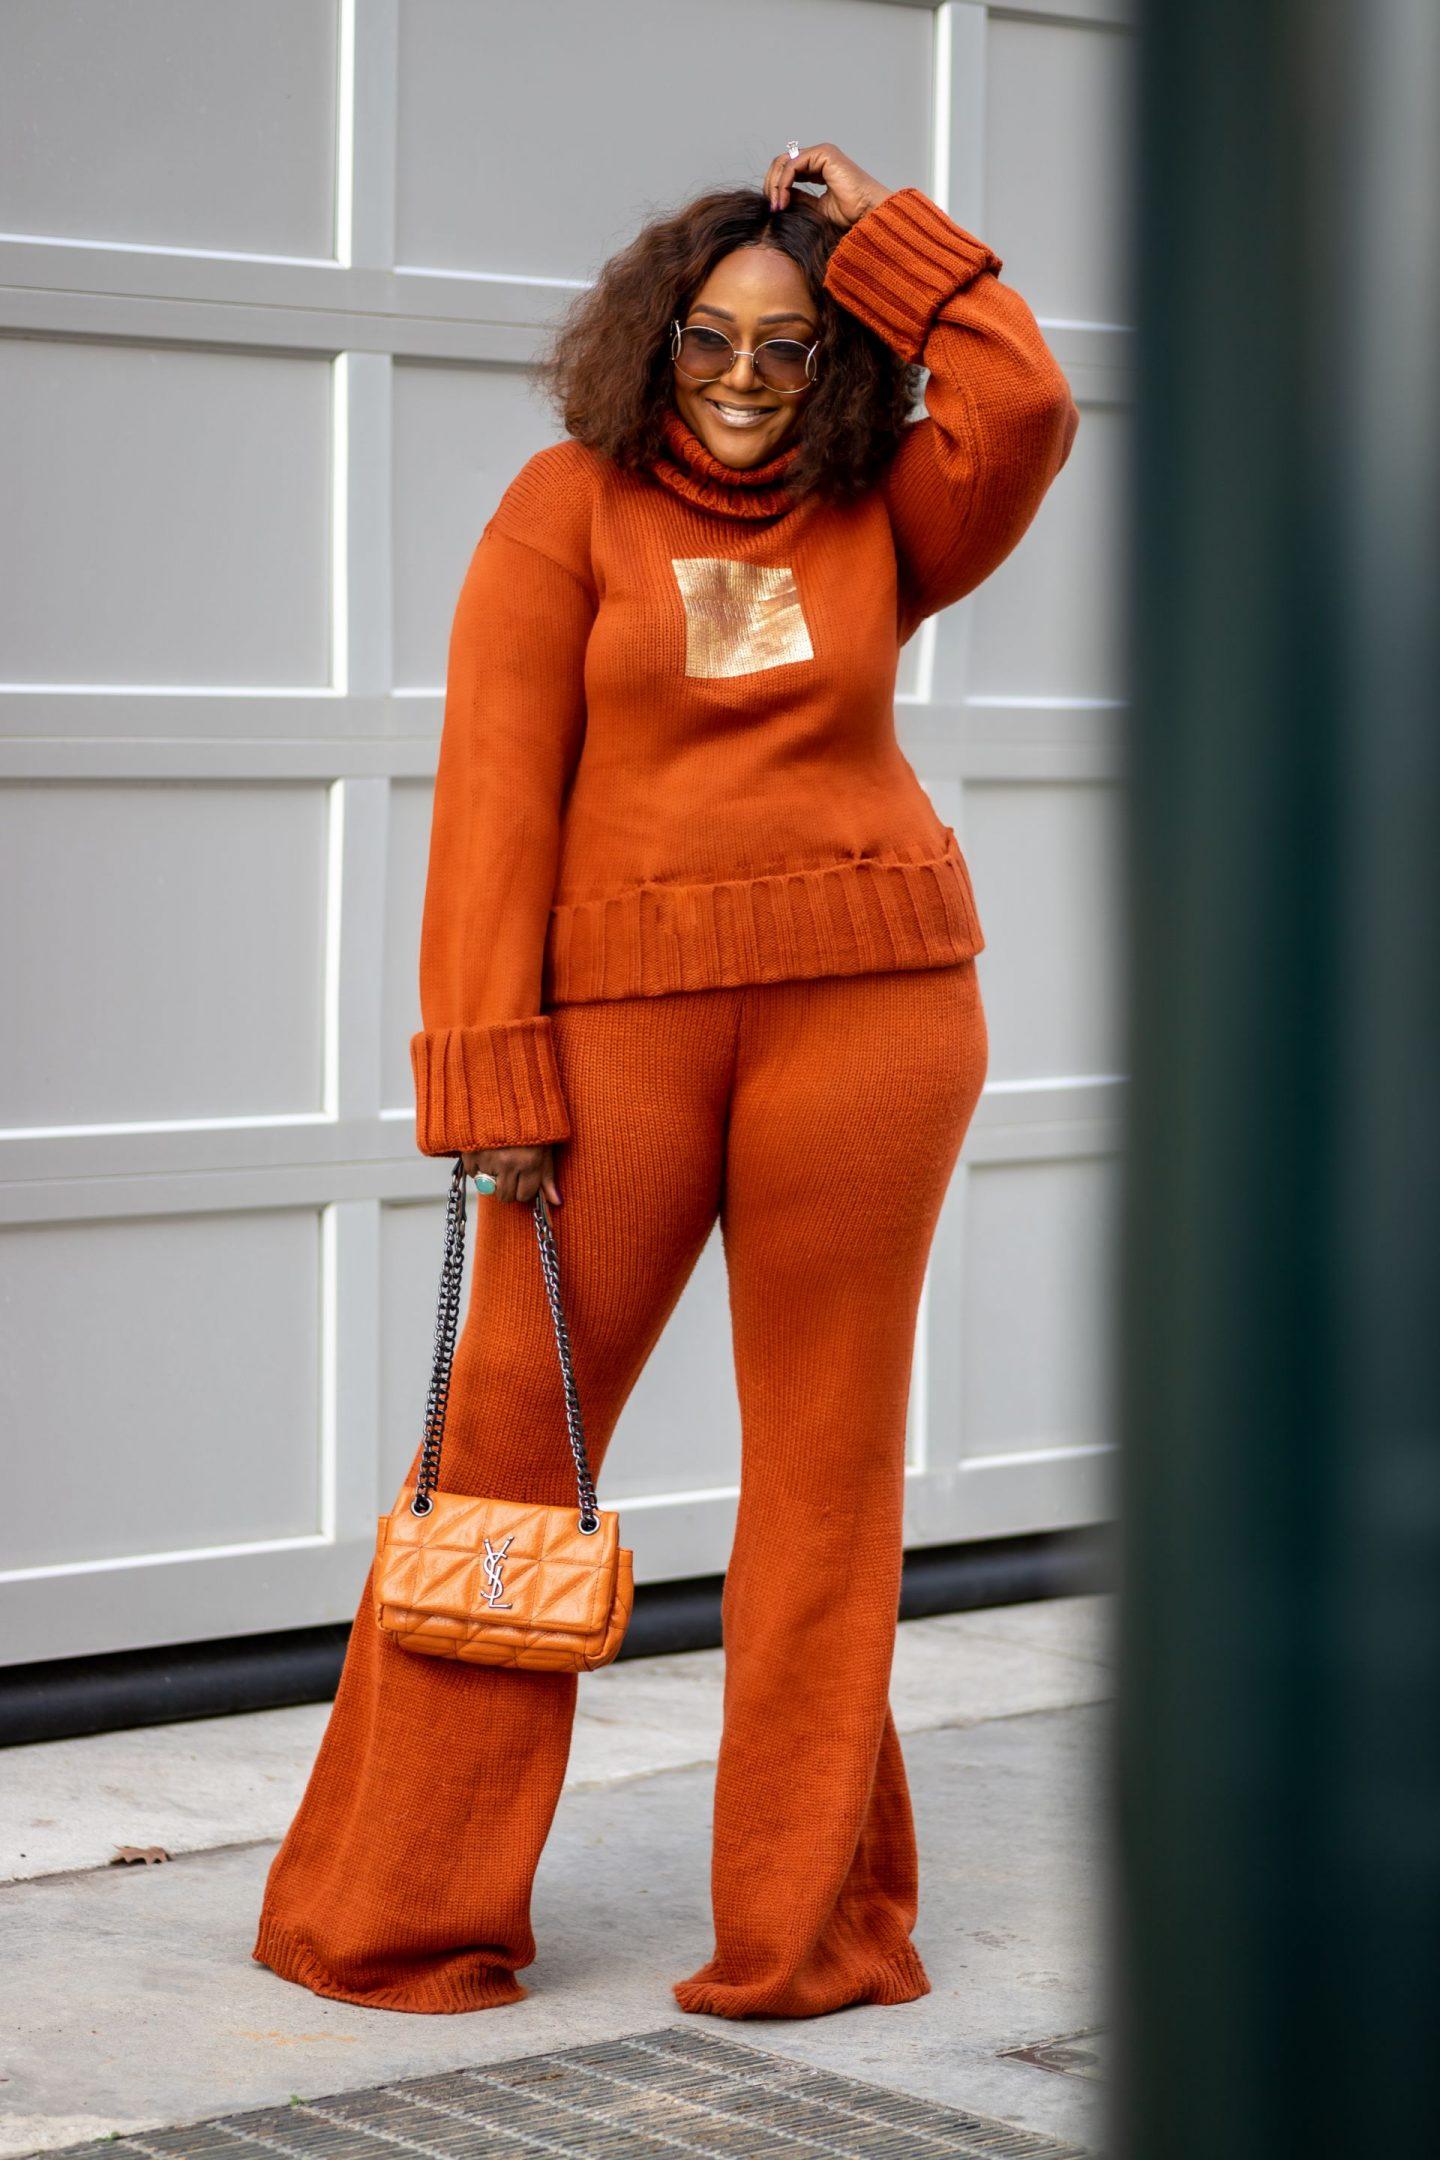 Blogger Nikki Free wearing orange sweater and pants